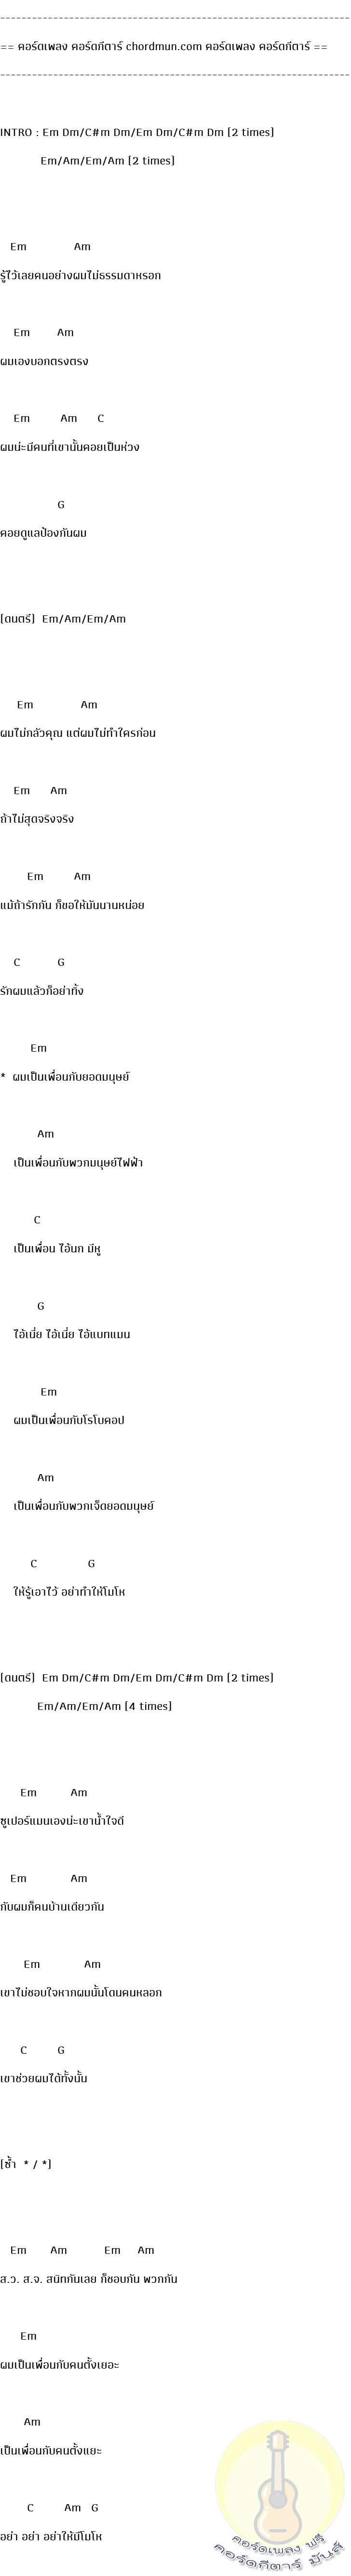 คอร์ดกีต้า ง่ายๆ  เพลง ฟลายแมน (เพื่อนแบทแมน)